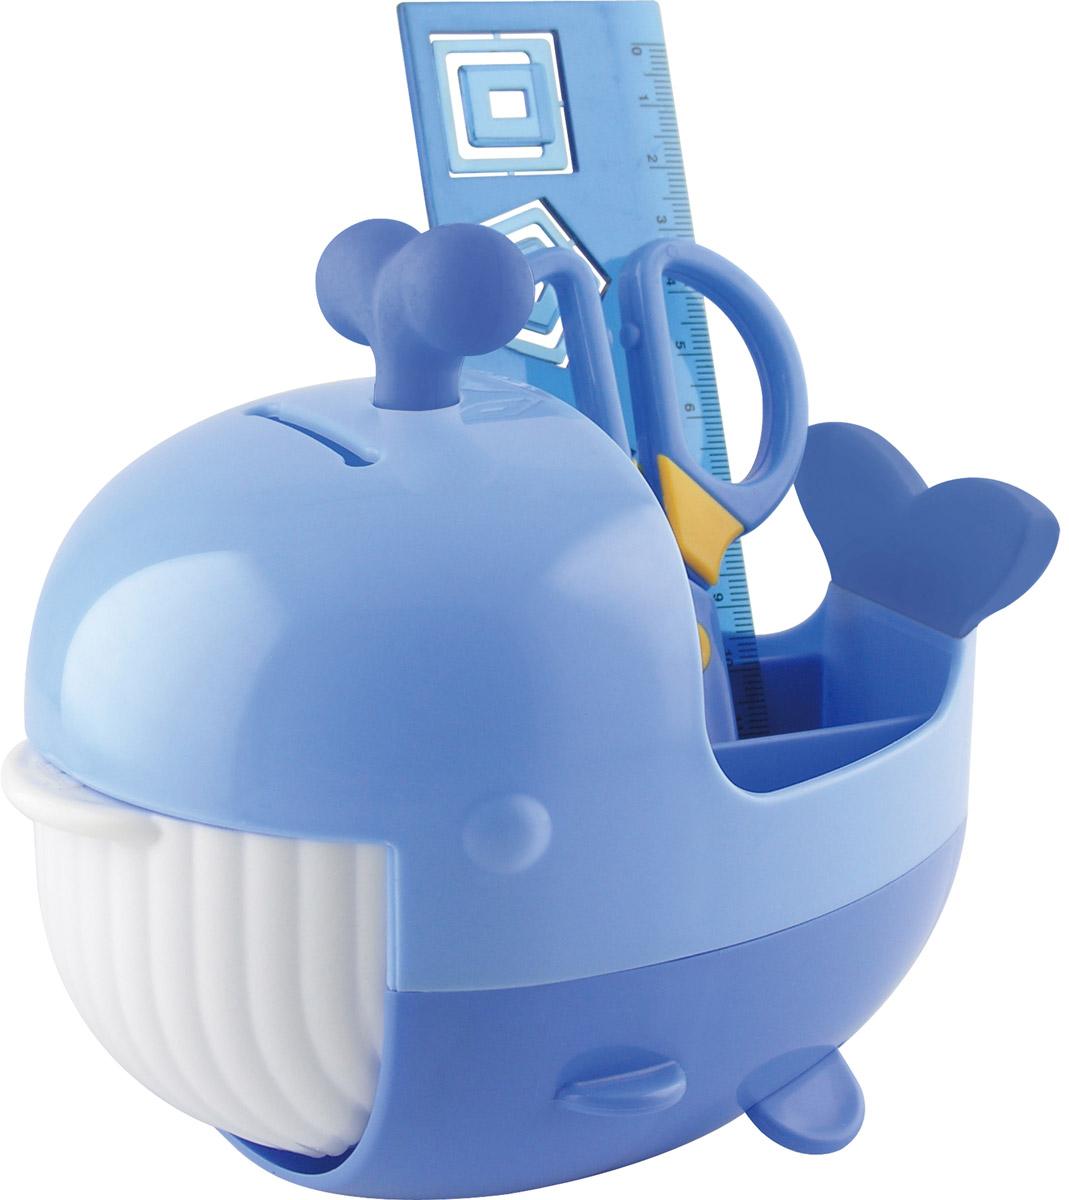 Brauberg Канцелярский набор Кит цвет синий 4 предмета231935_синийКанцелярский набор Brauberg Кит выполнен из высококачественного яркого пластика и позволяет практично, удобно и оригинально организовать место для учебы и развлечений ребенка. Подставка для канцелярских принадлежностей выполнена в виде кита с открывающейся пастью, внутри которой располагается дополнительное отделение для хранения. Хвост кита и фонтанчик на его голове являются съемными ластиками. В набор также входят: сантиметровая линейка с вырубками-трафаретами в виде геометрических фигур, безопасные ножницы, ластик, канцелярские скрепки. Необычный канцелярский набор понравится любому школьнику и сделает учебу более интересной.